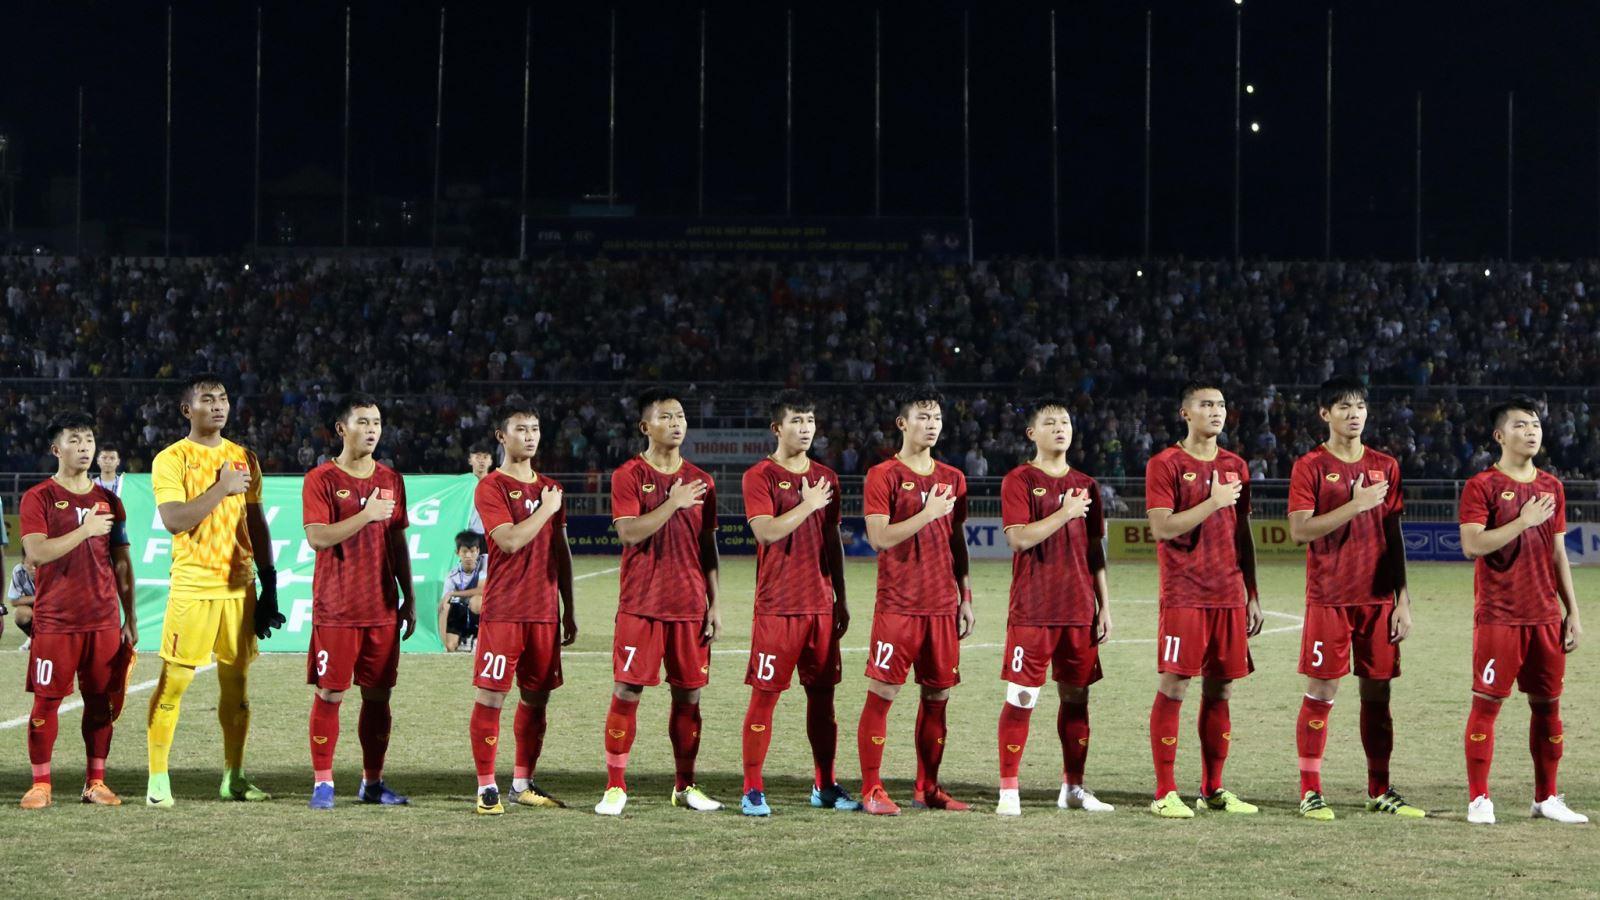 TRỰC TIẾP BÓNG ĐÁ HÔM NAY: U18 Việt Nam vs Campuchia, U18 Đông Nam Á